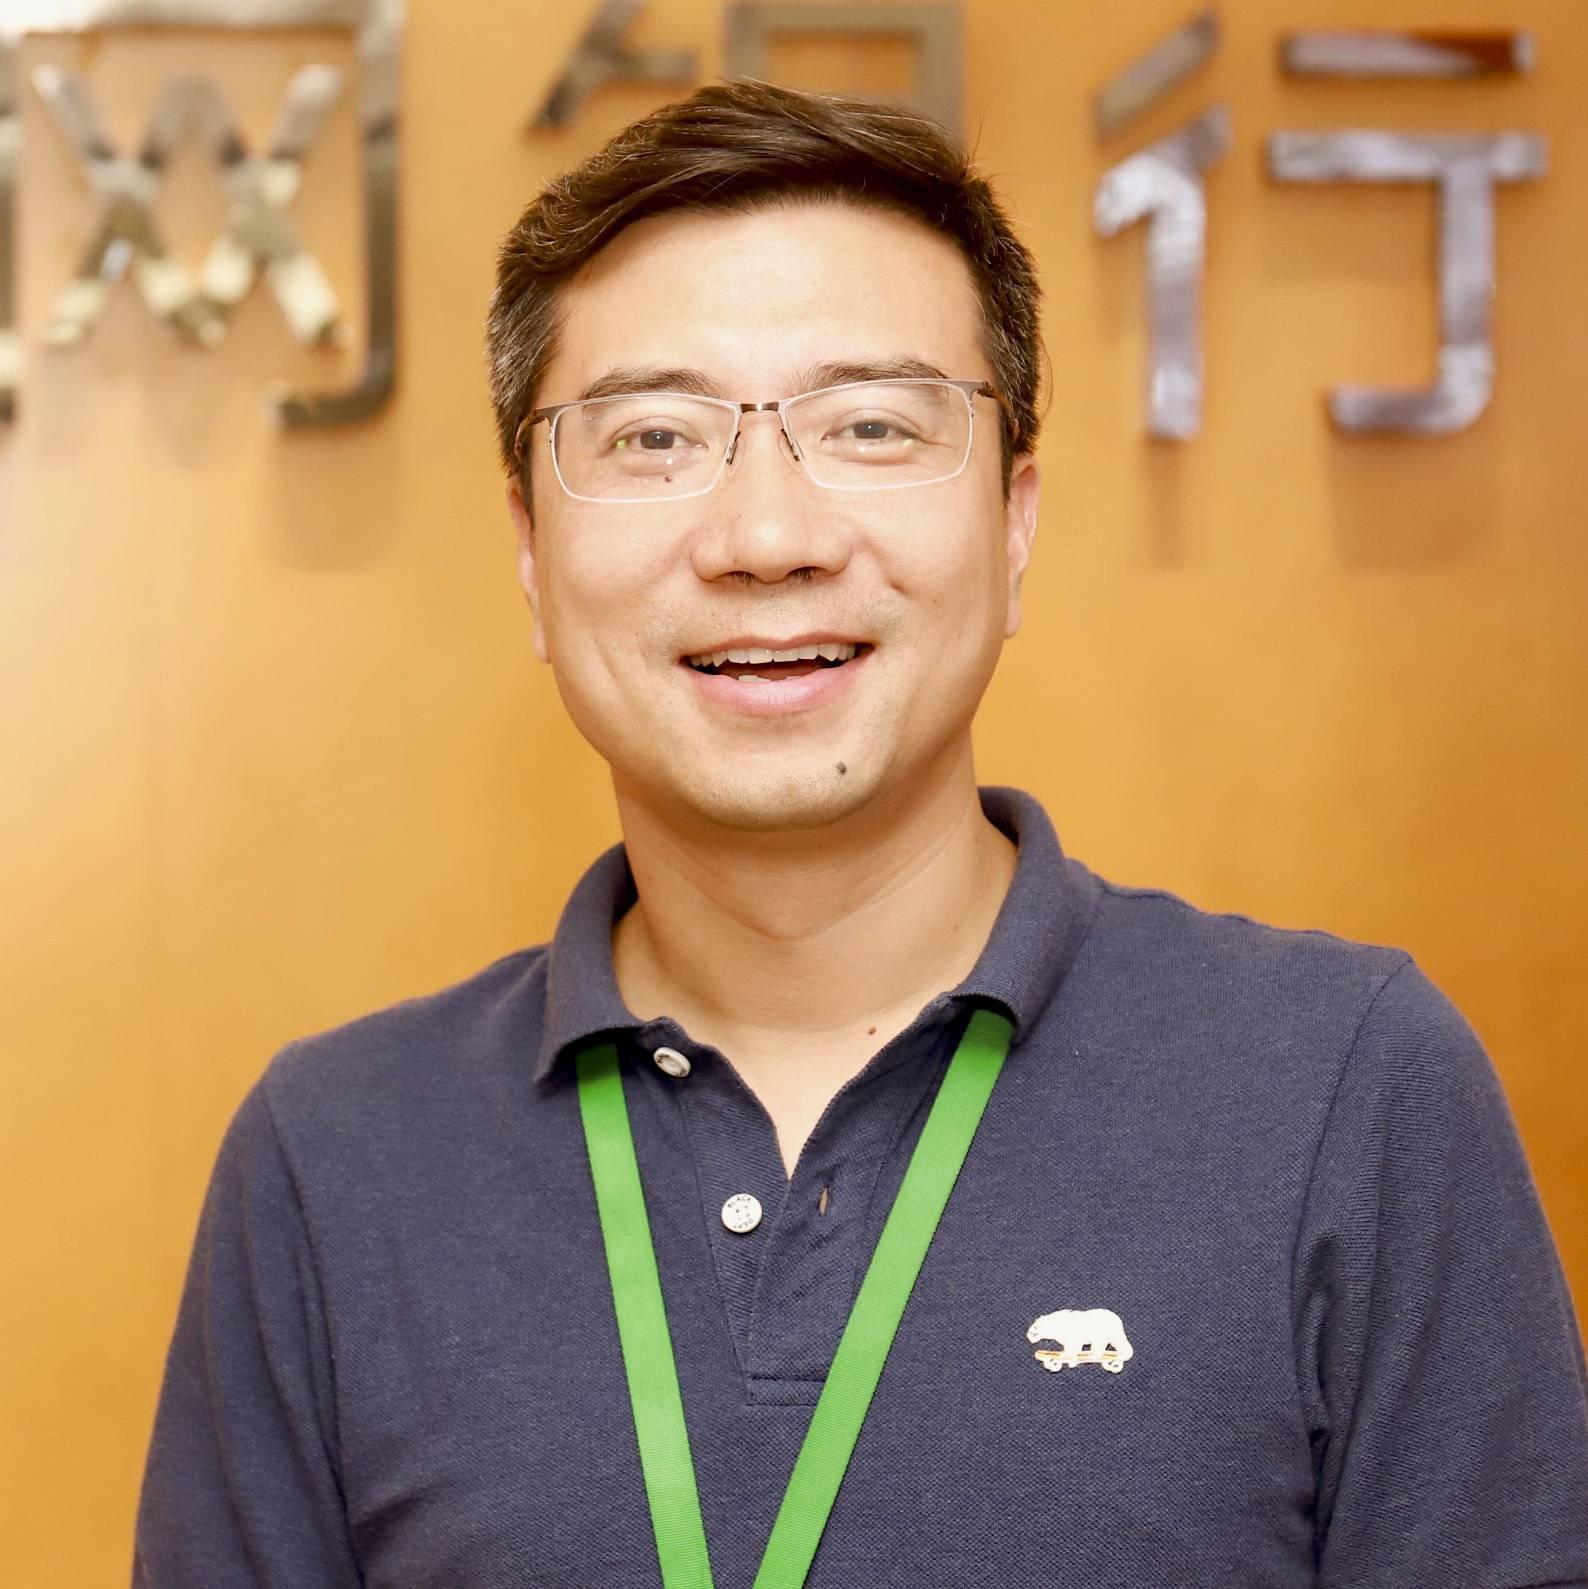 新网银行 信息科技部总经理 毛航